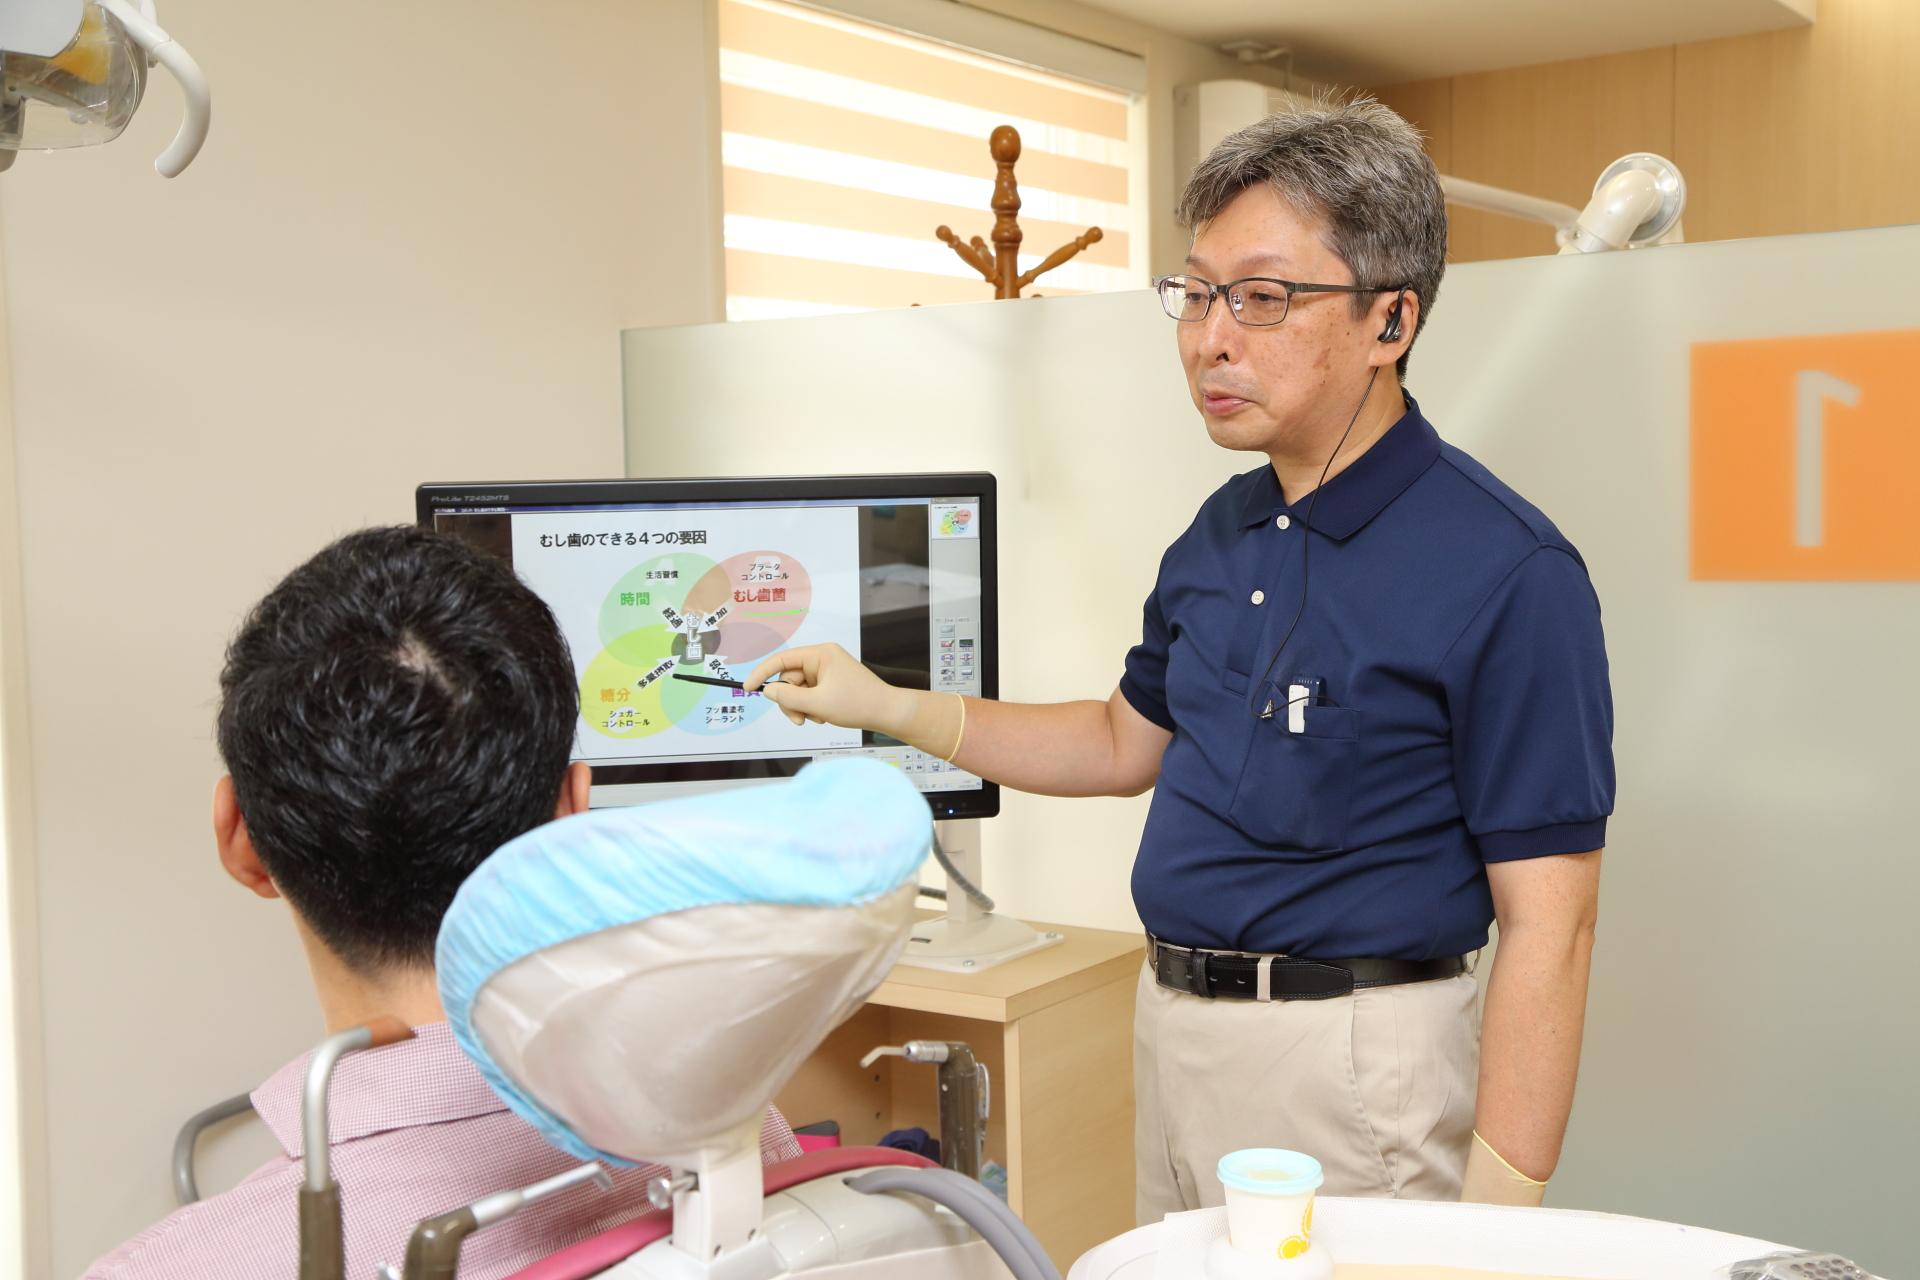 1本でも多くの歯を残し、生涯歯科医療費を抑える「予防管理型歯科医院」